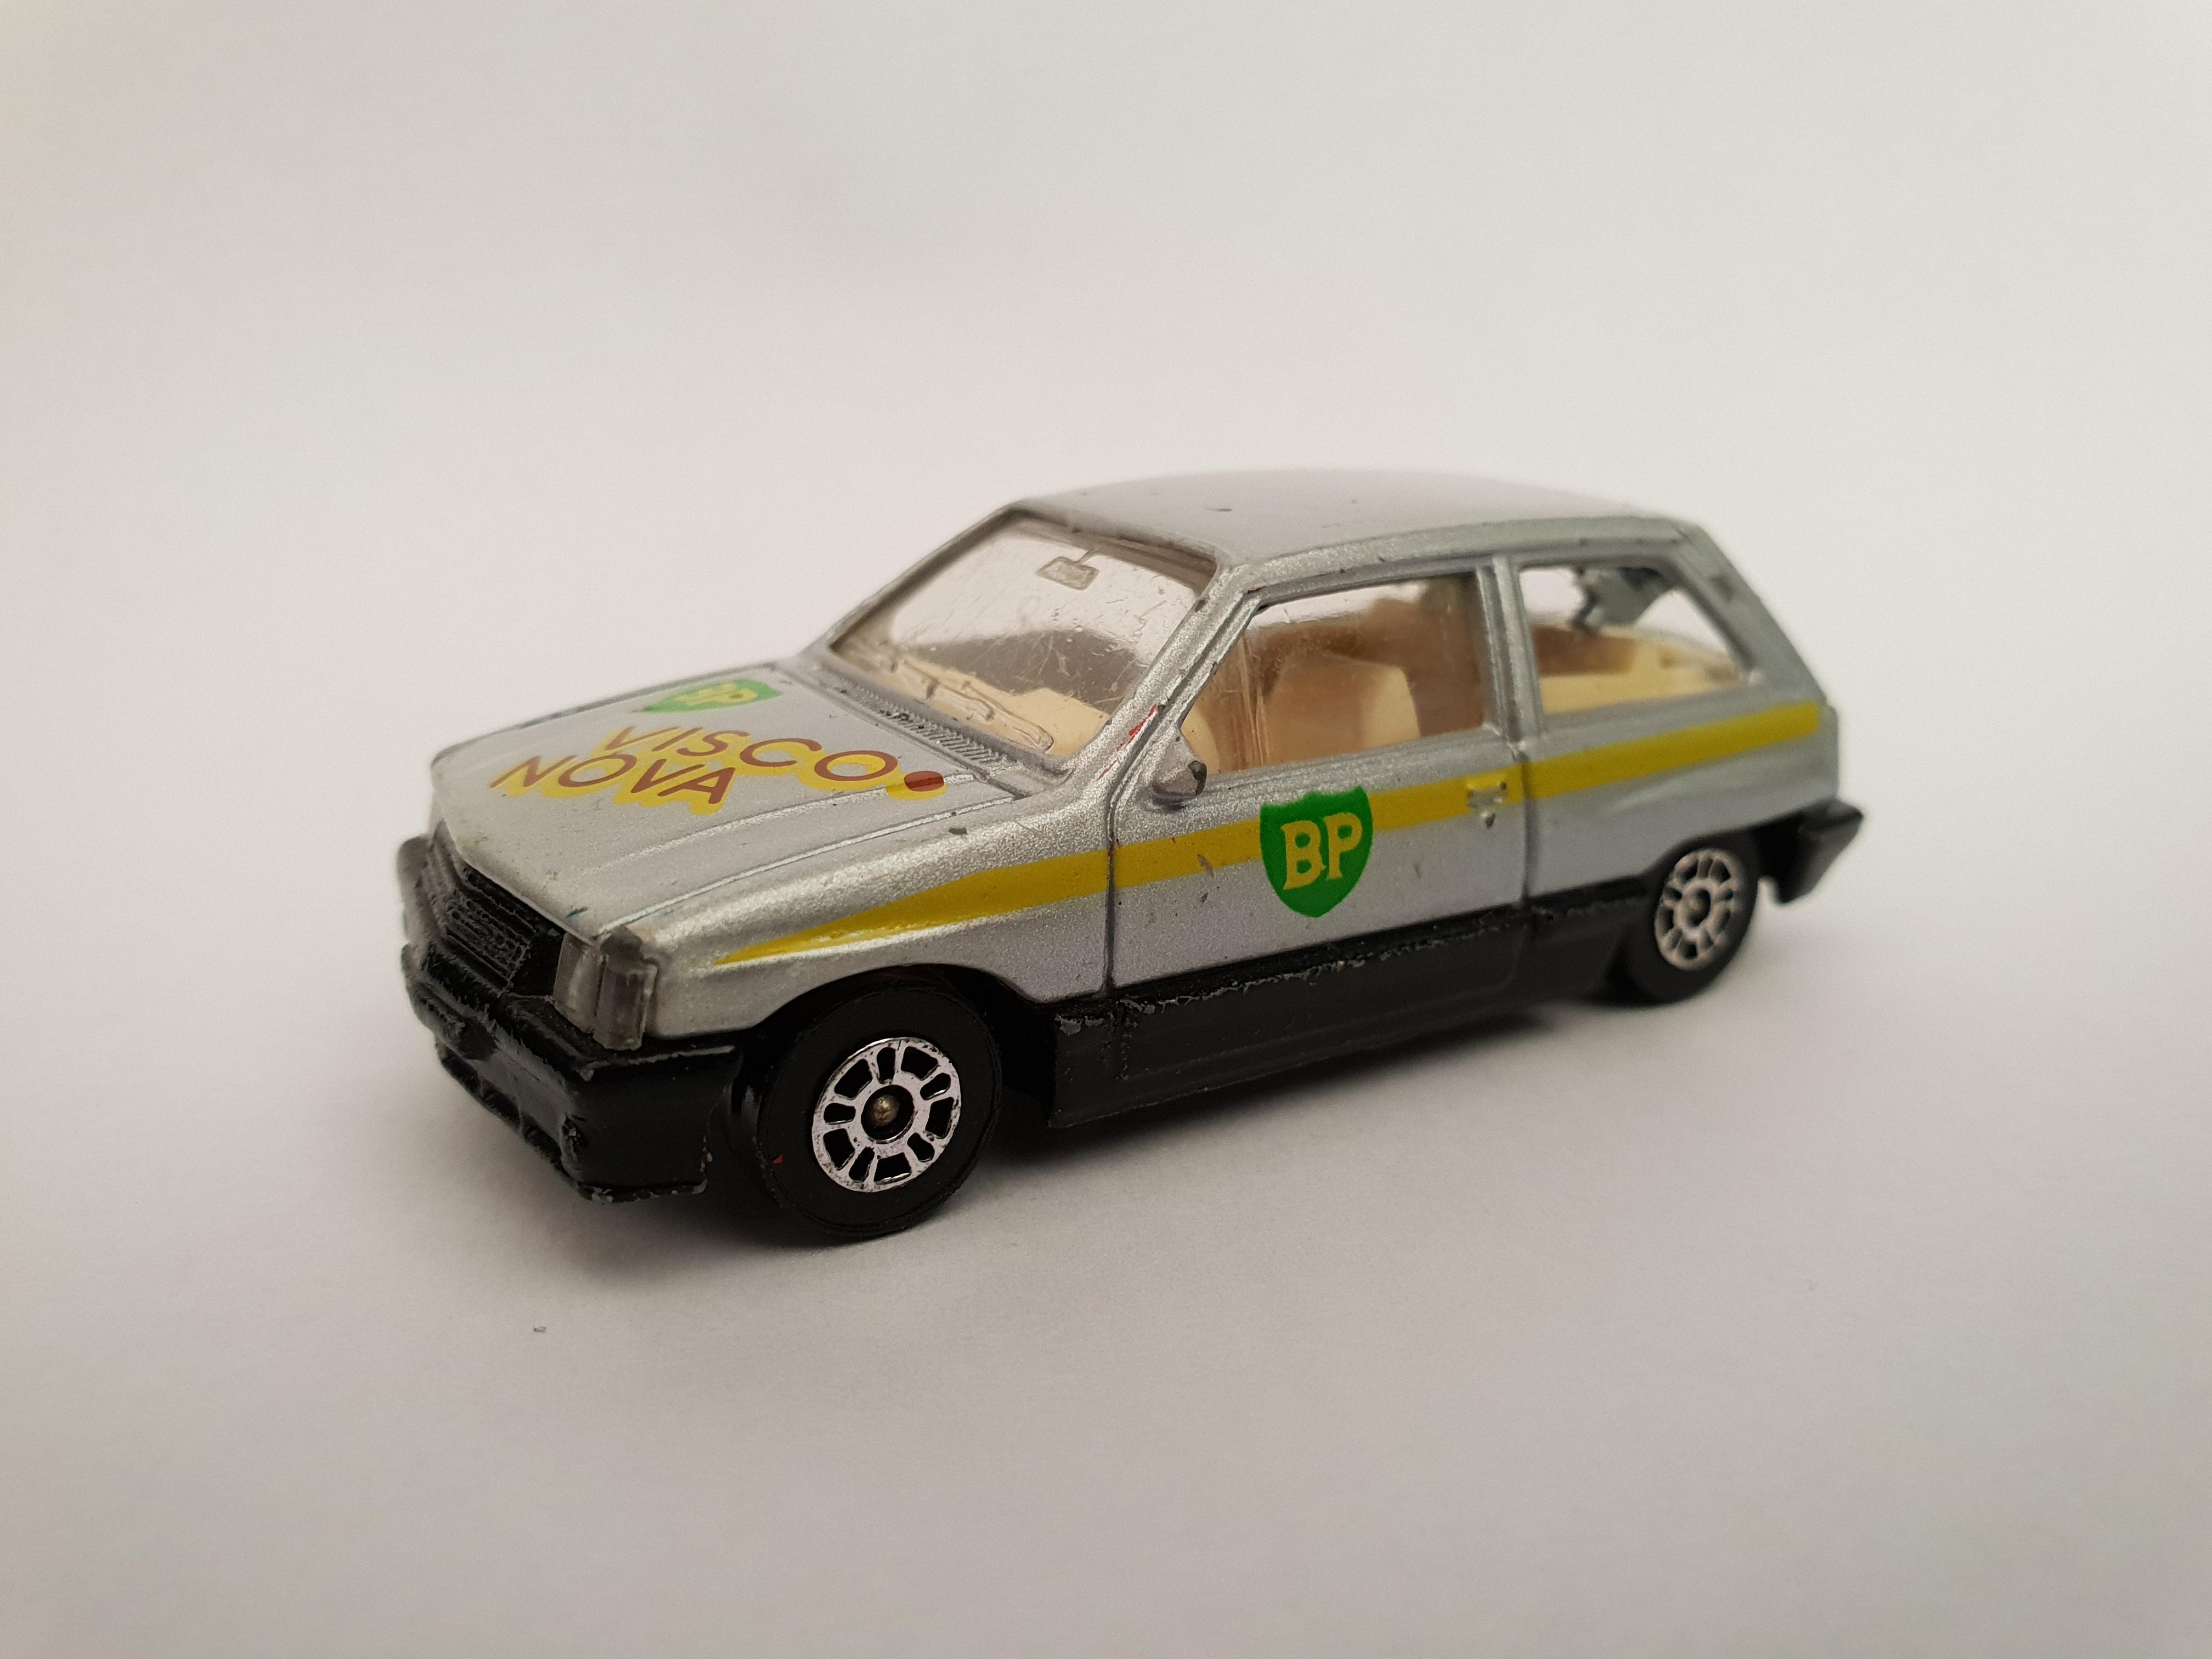 2834754a07 The Vauxhall Nova - It s a proper classic